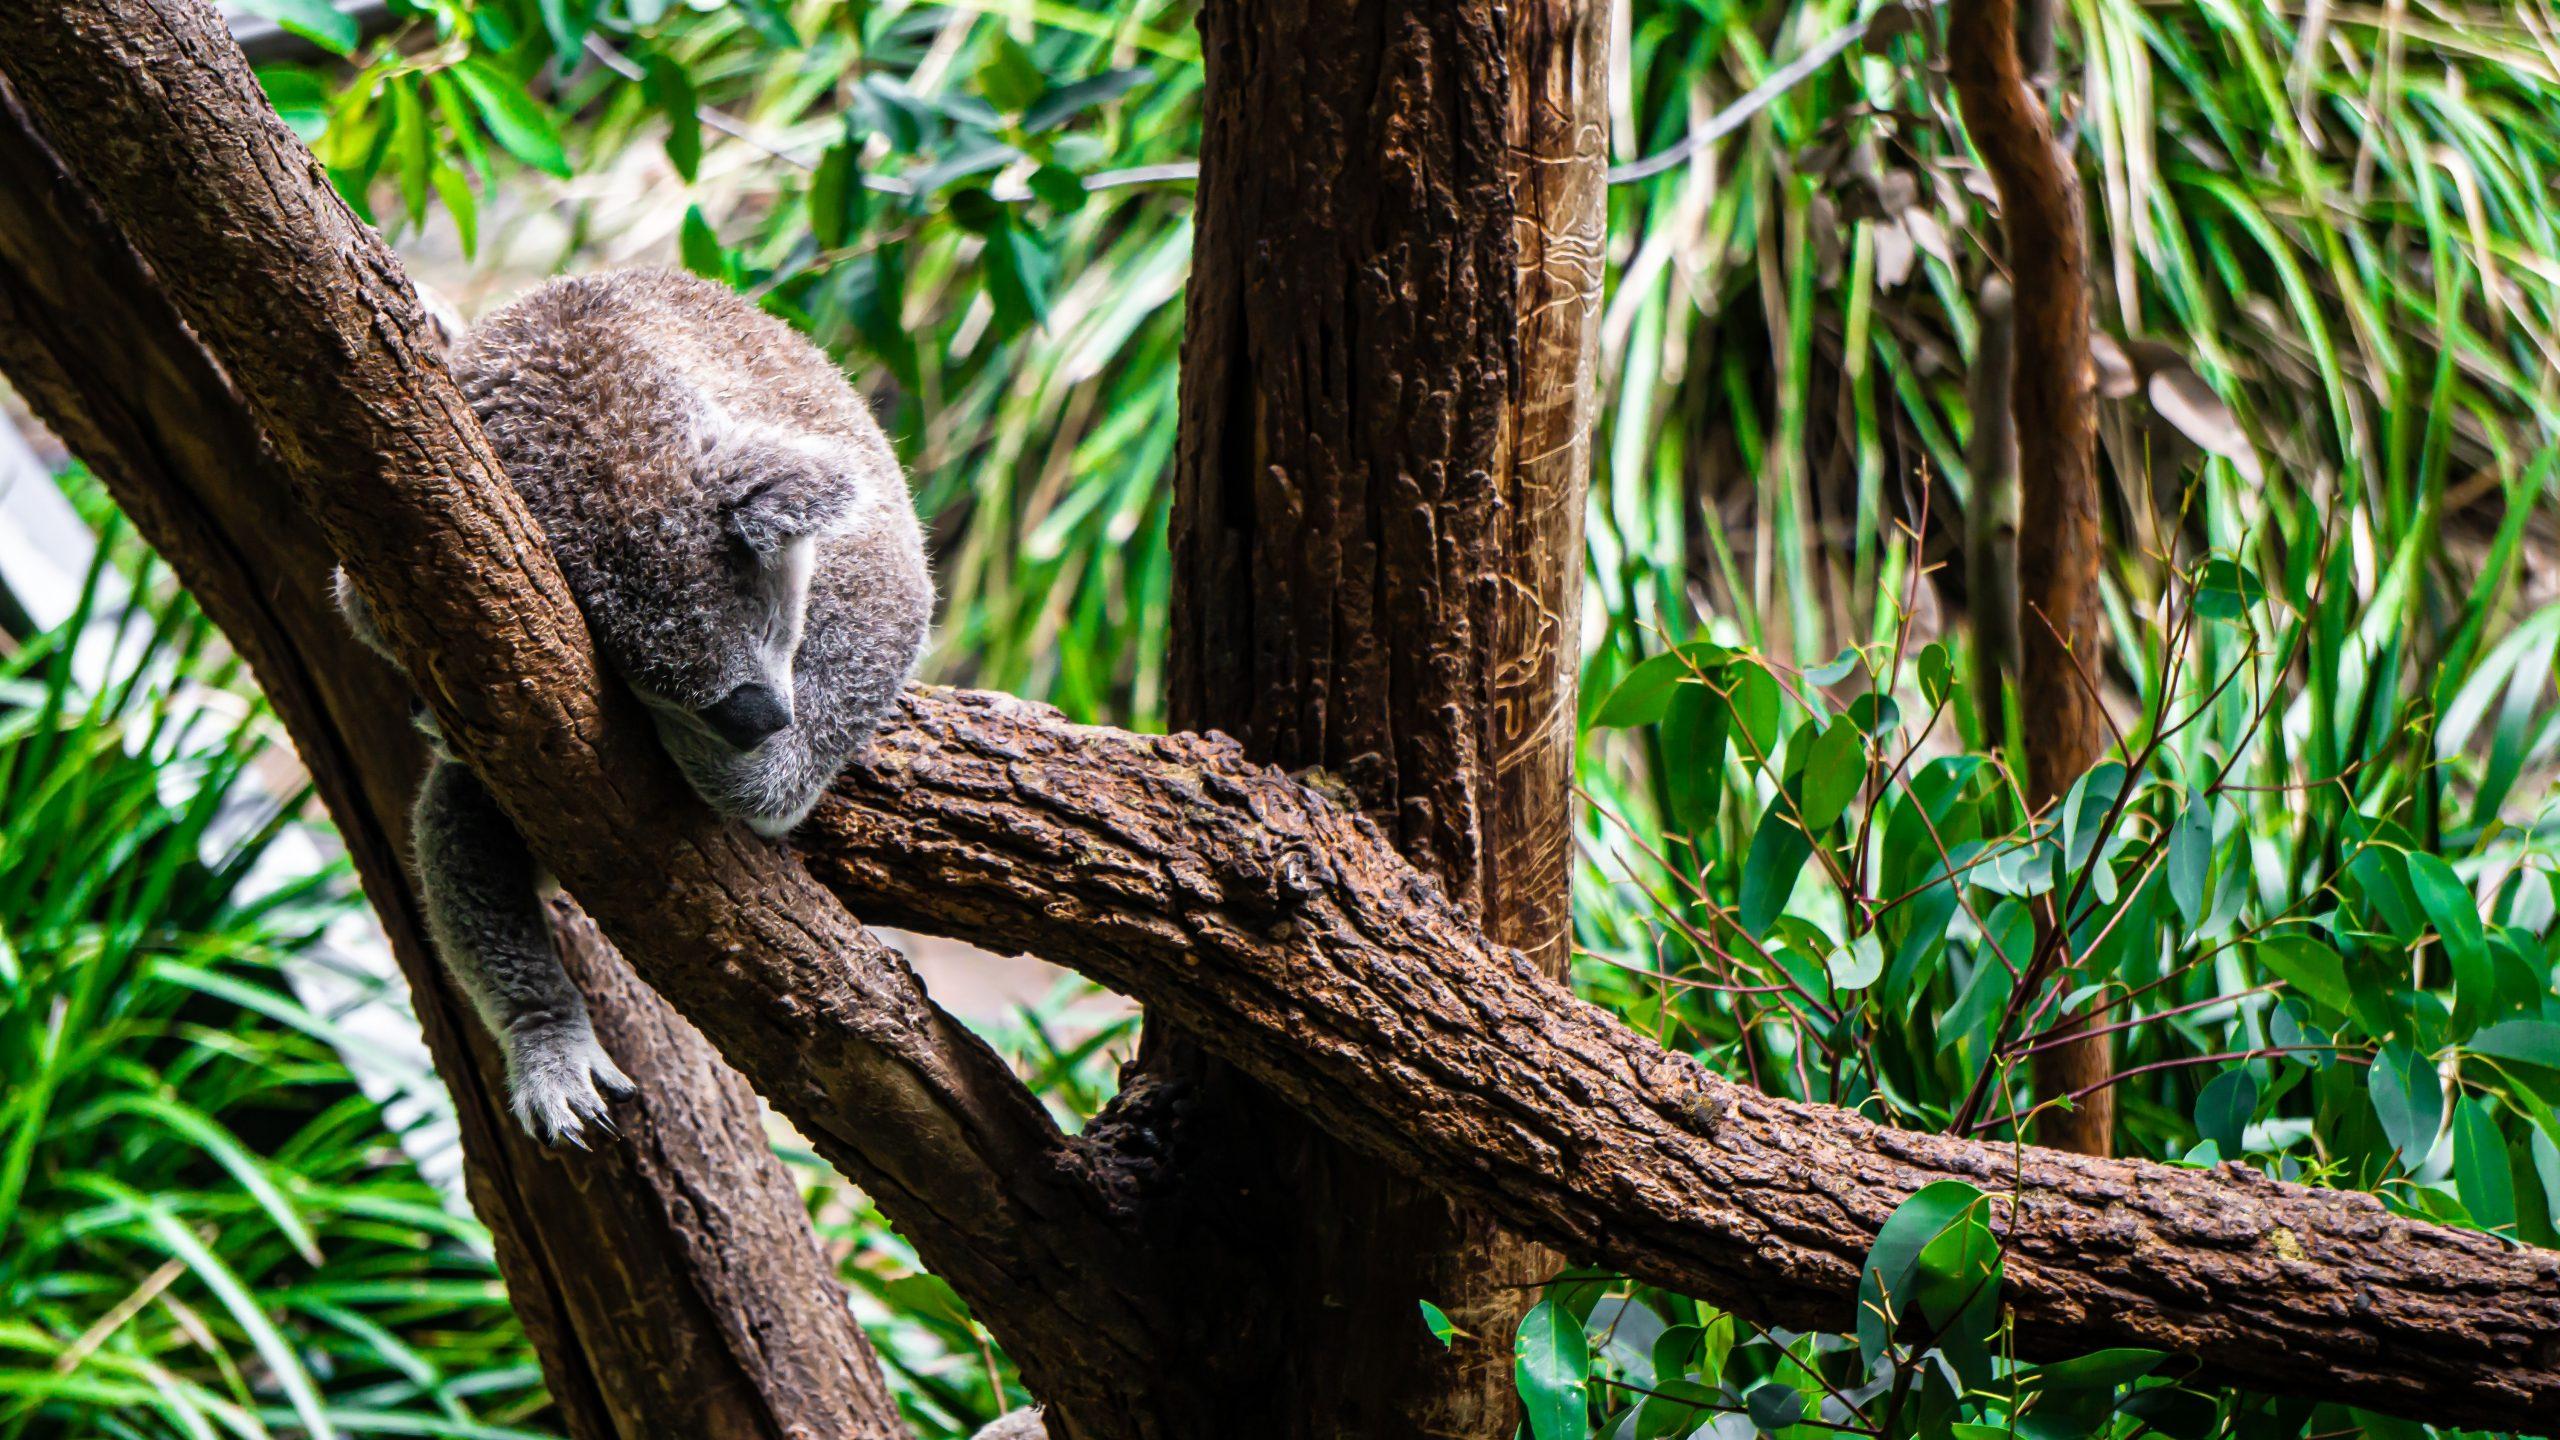 Bei Pausen fühlen wir uns schnell faul. (Bild zeig schlafenden Koalabär auf Ast liegend.)